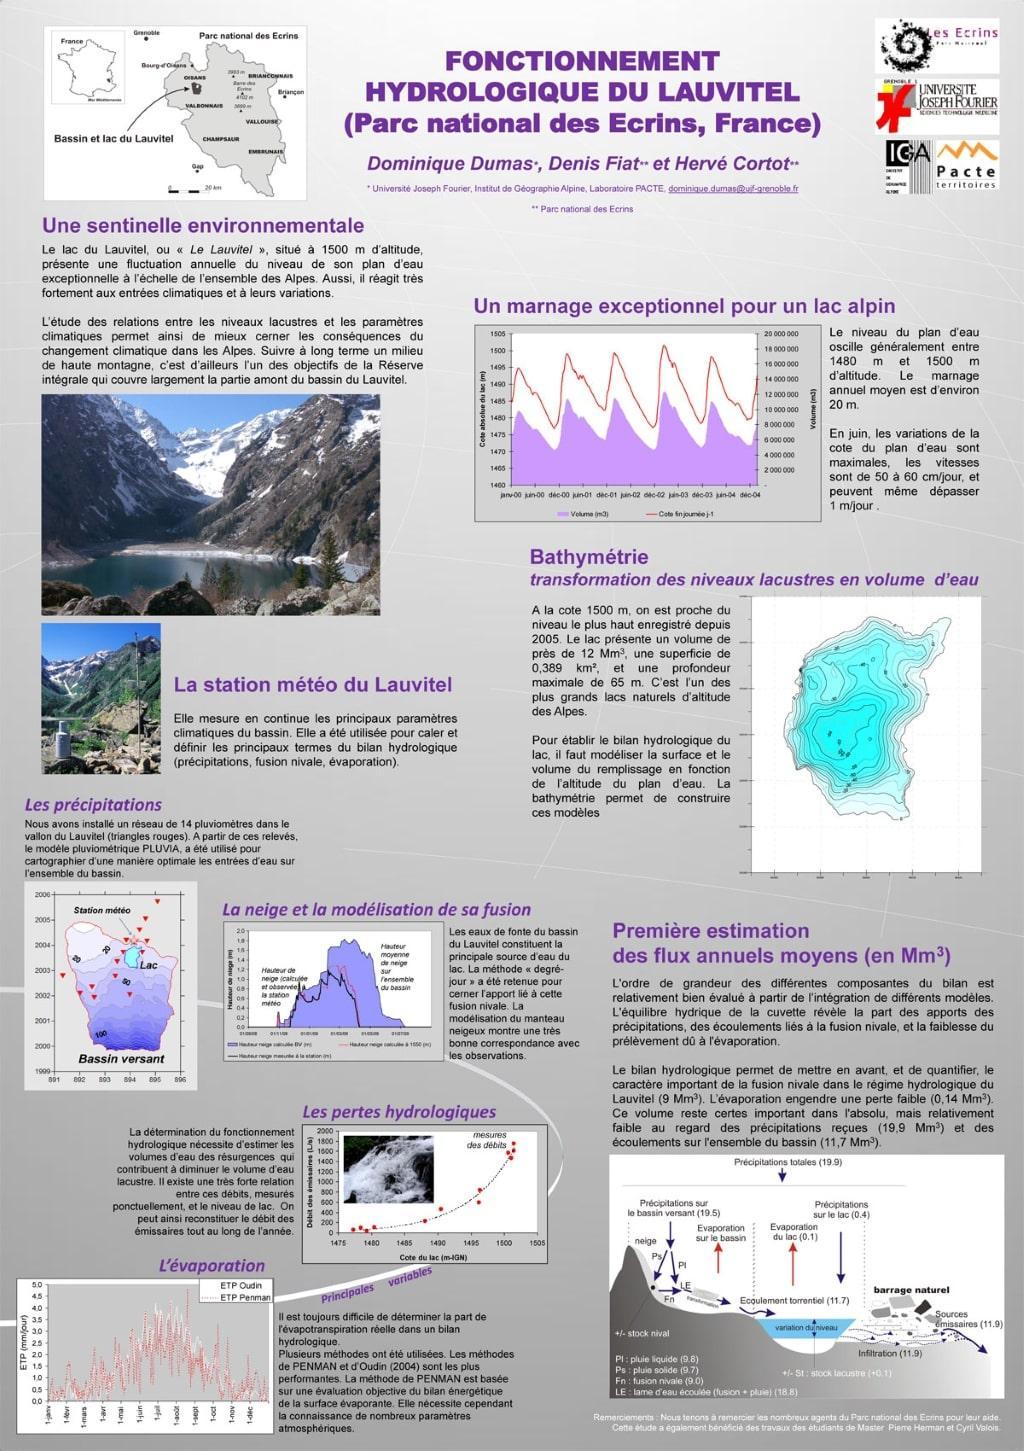 Fonctionnement hydrologique du Lauvitel © D. Dumas et PNE